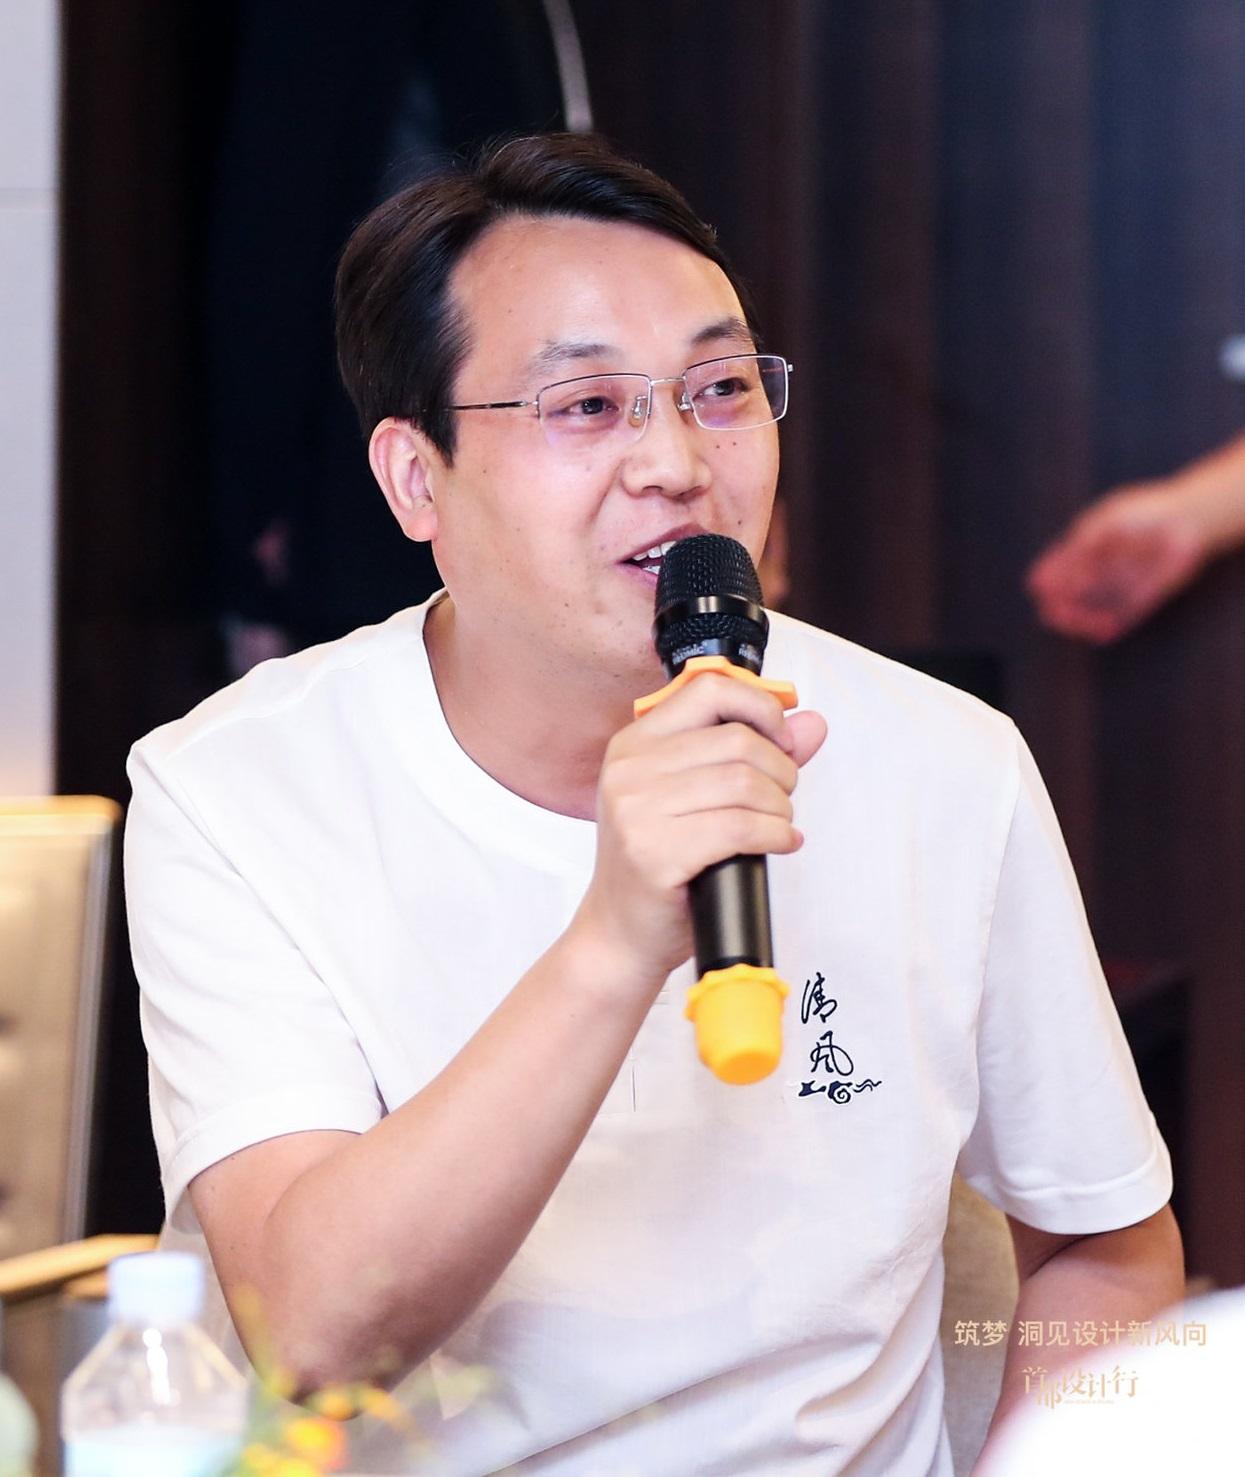 首都设计·行|筑梦洞见设计新风向 | 刘坤先生演讲